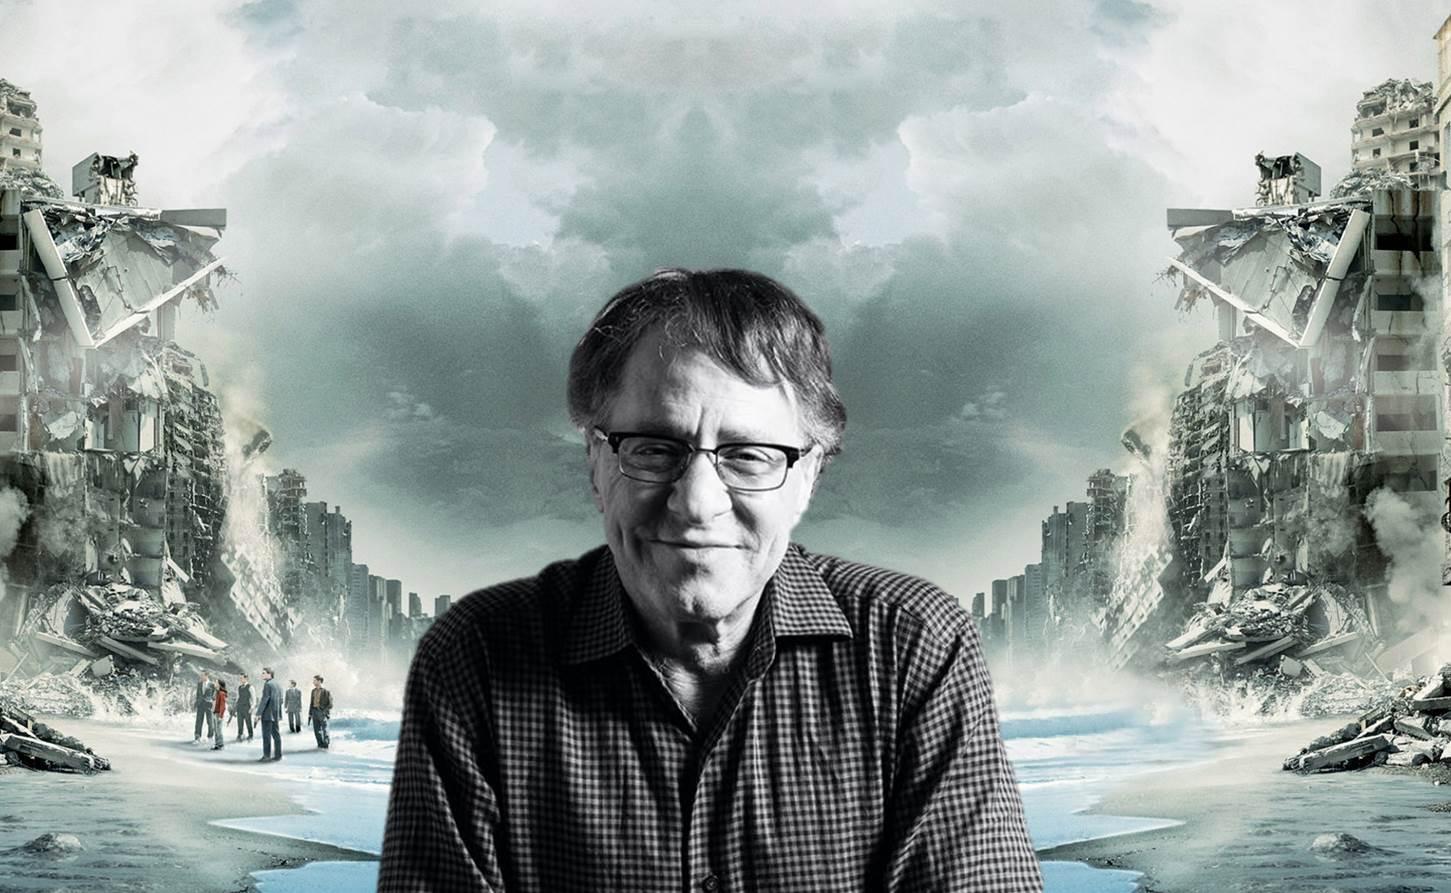 Ray Kurzweil: Estamos vivendo em uma realidade simulada?